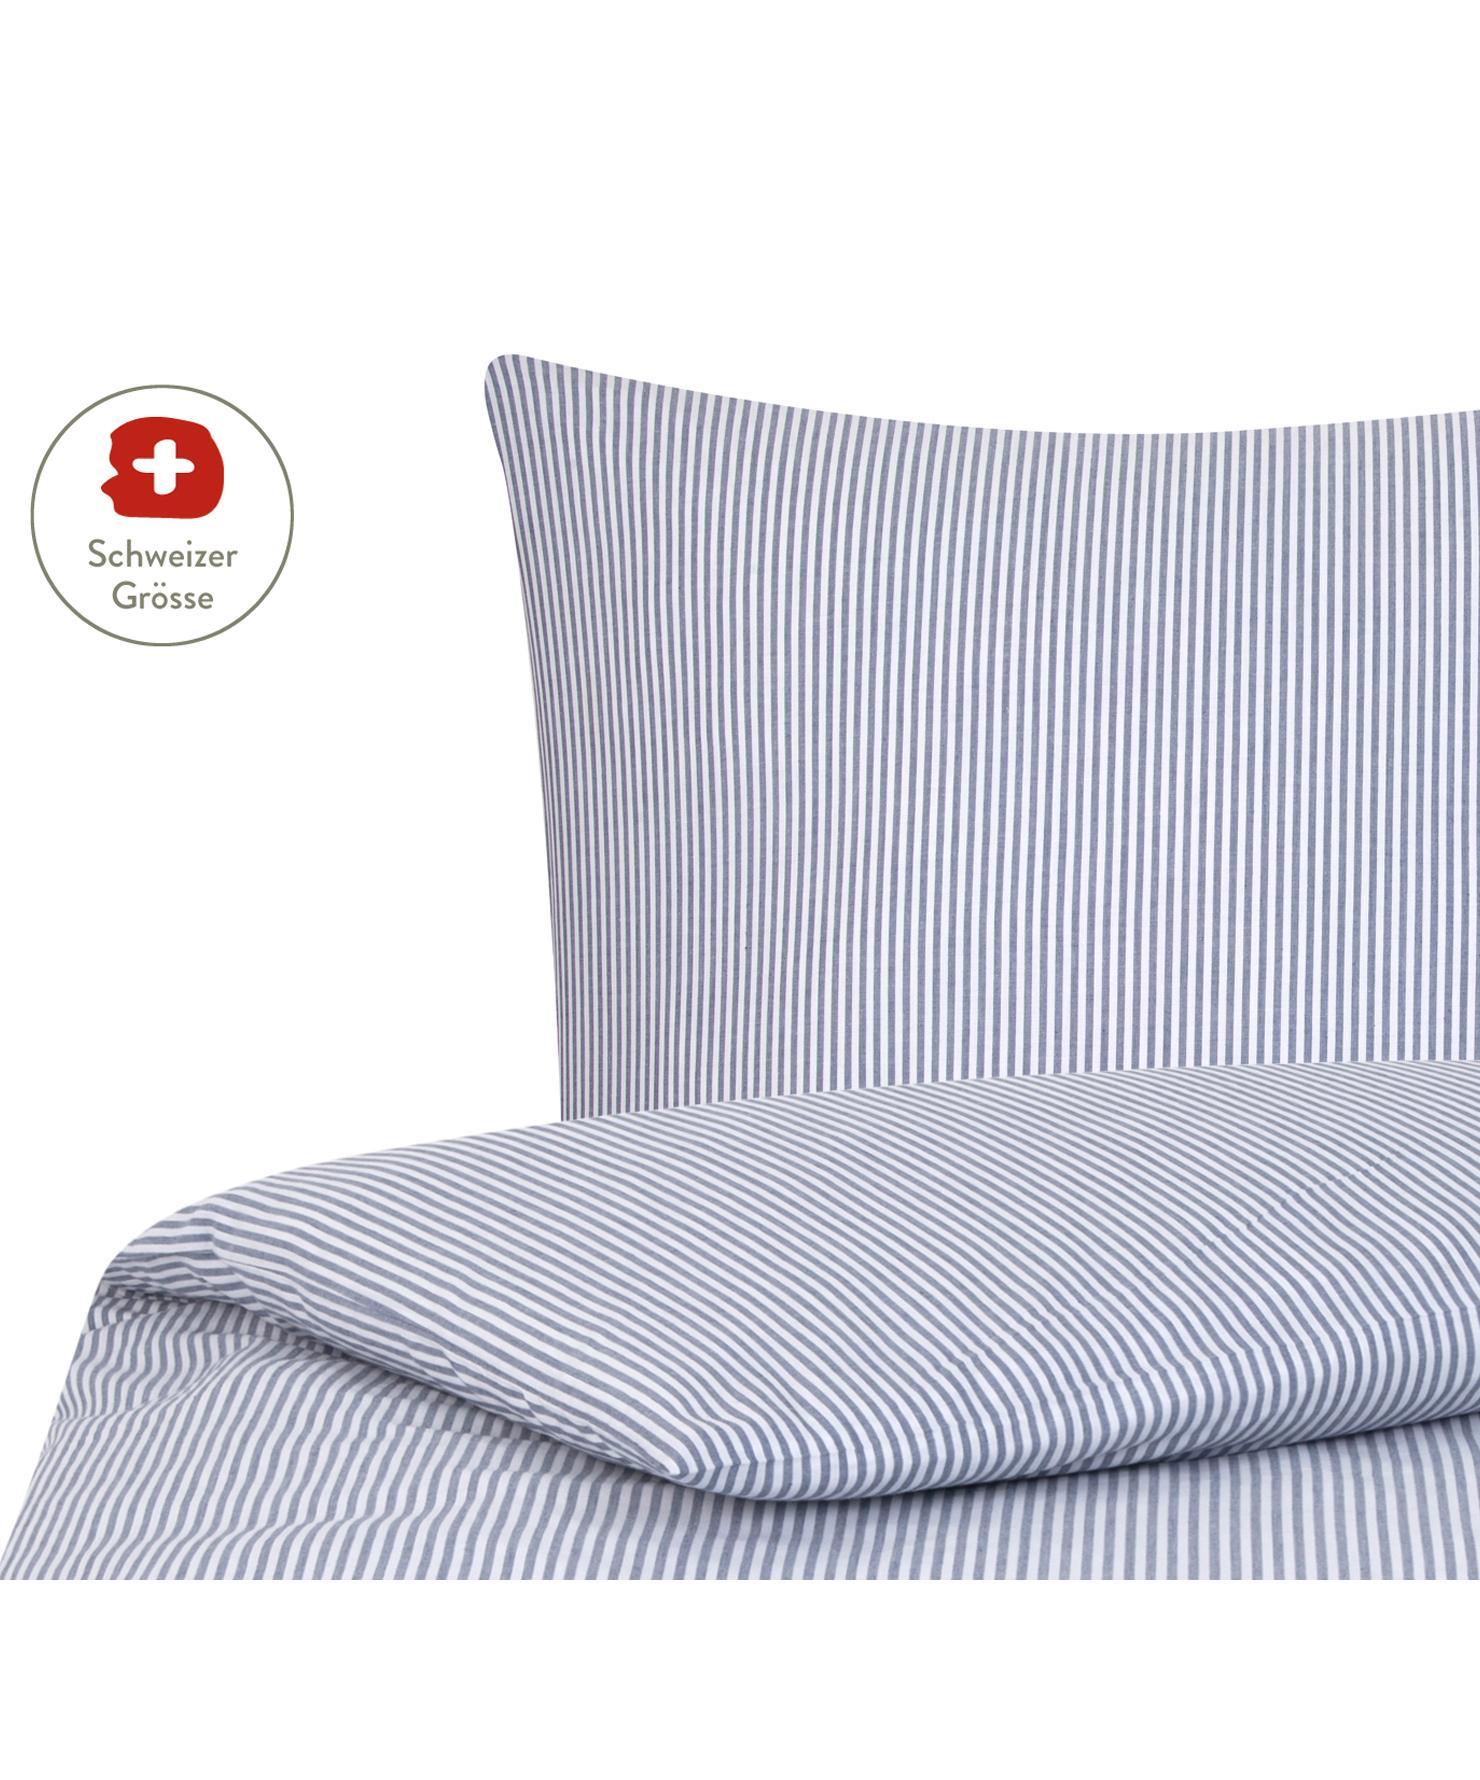 Baumwoll-Bettdeckenbezug Ellie, fein gestreift, Webart: Renforcé Fadendichte 118 , Weiss, Dunkelblau, 160 x 210 cm